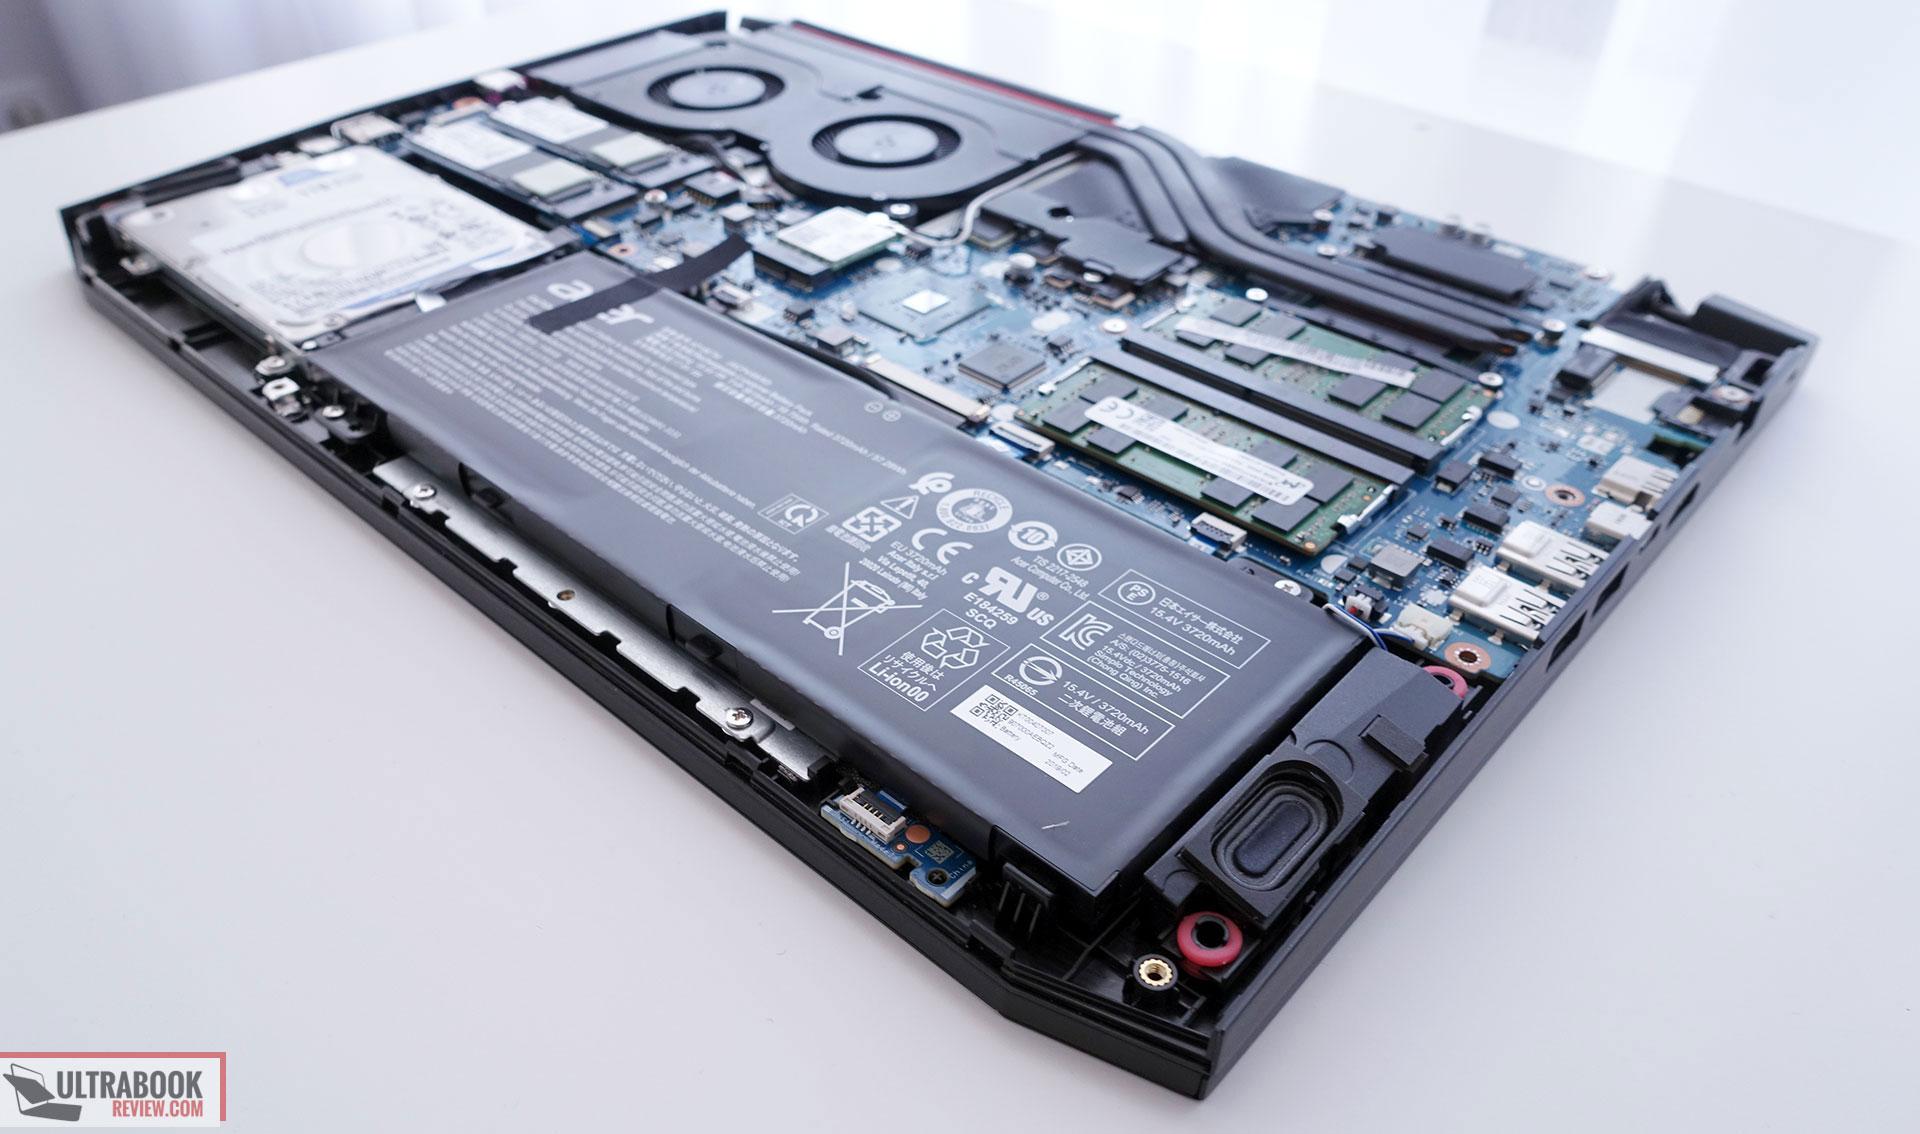 Acer Nitro 7 review (AN715-51 model - i7-8750H, GTX 1650)